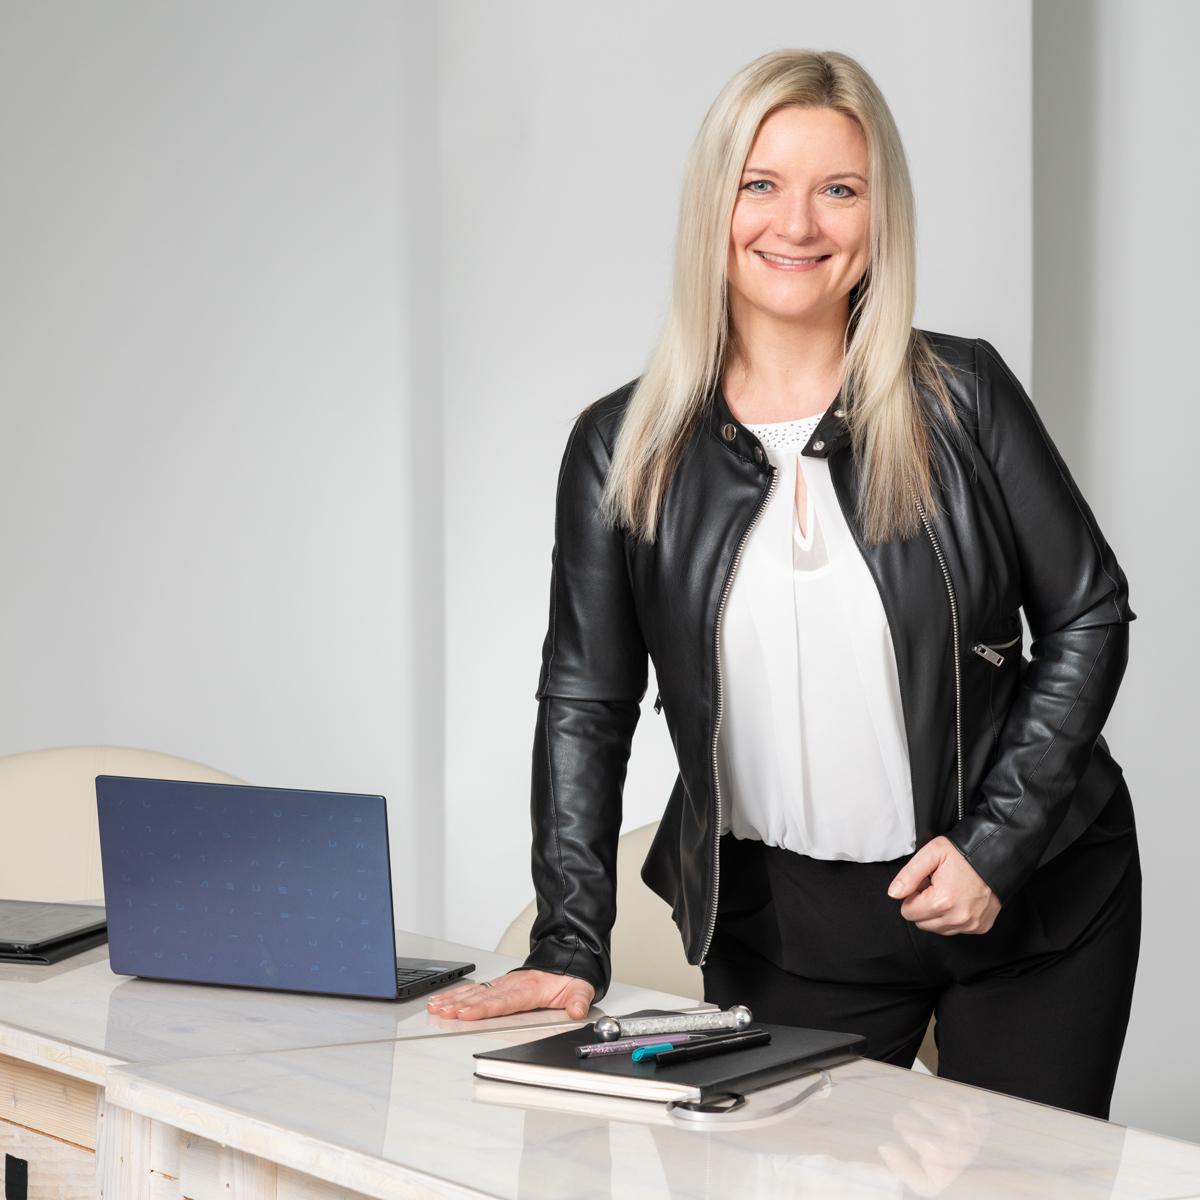 Energetisch.work - Ueber - Mich Sandra Bammert-144